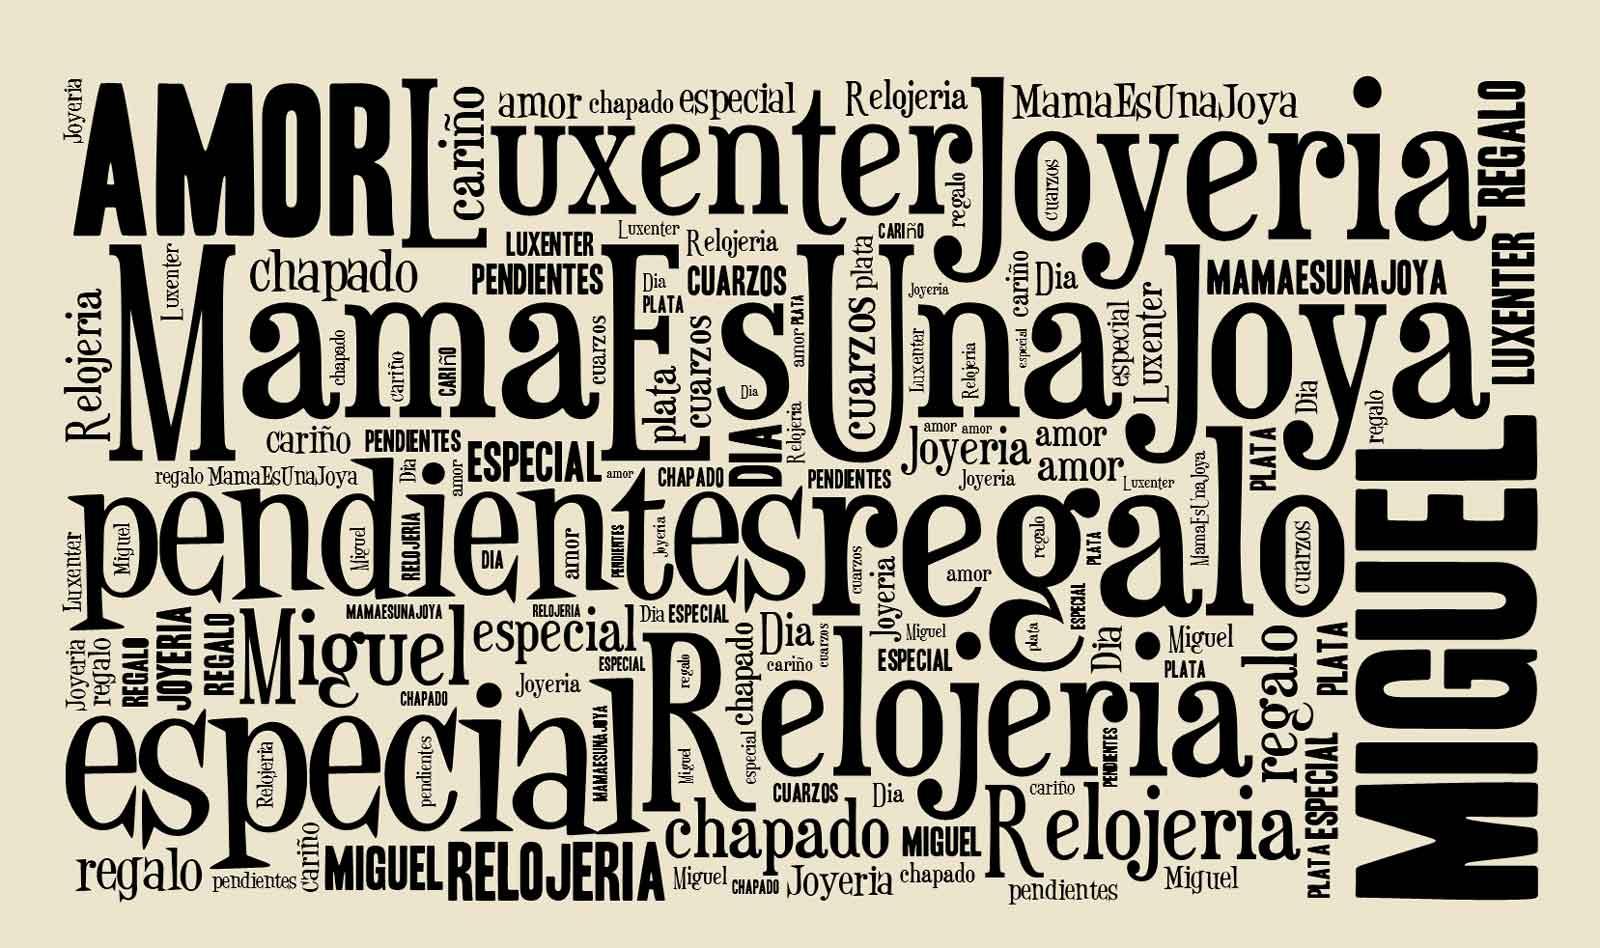 36176d1134d6 Promoción y concurso Luxenter para el Día de la Madre 2014. - Joyería  Miguel Relojería